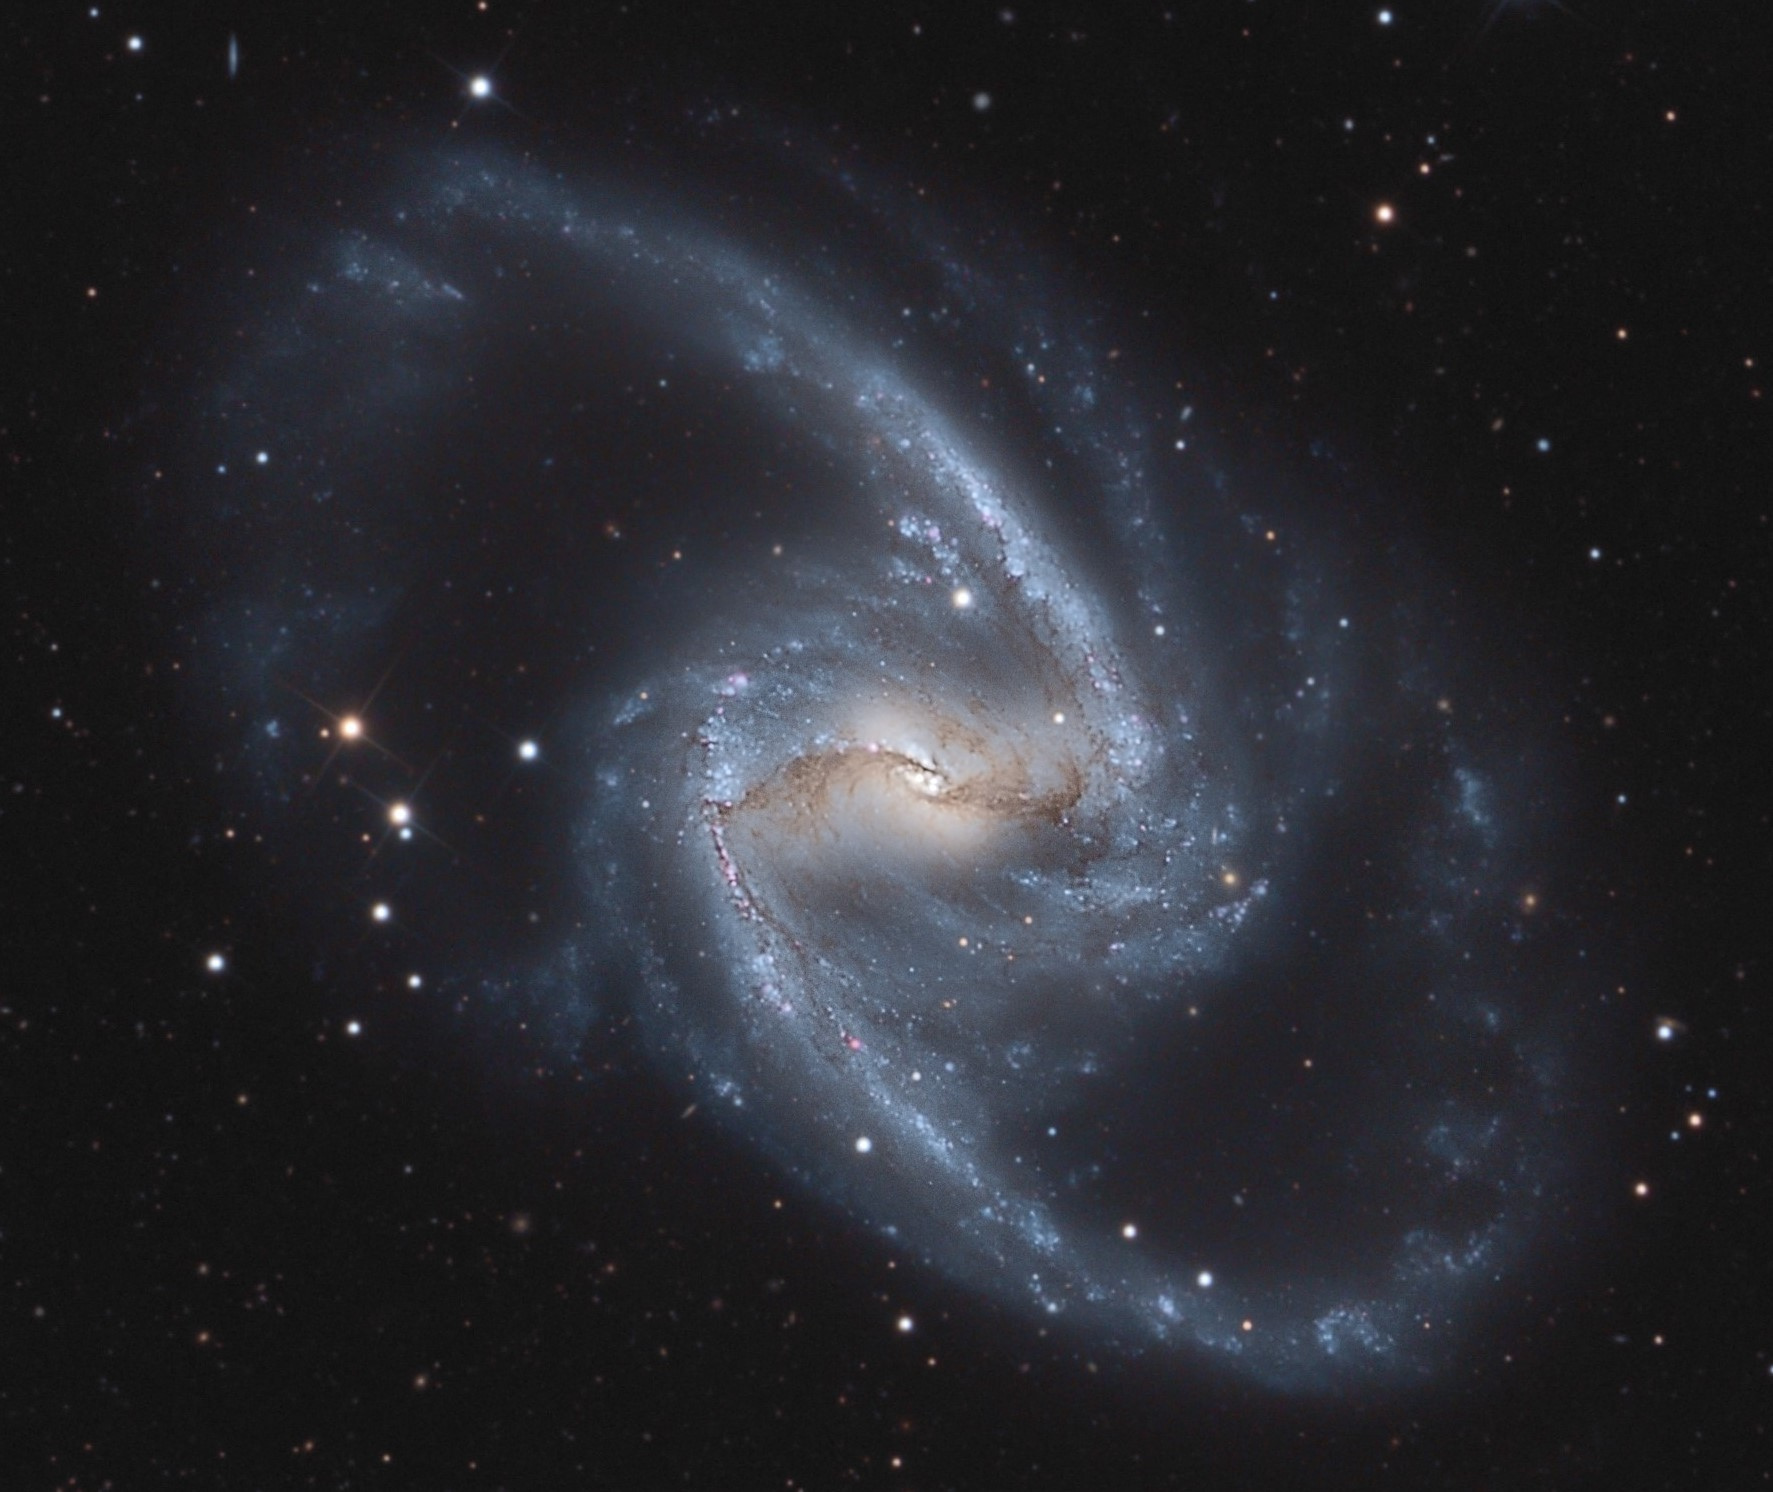 NGC1365_LRVB-V3 (2).jpg